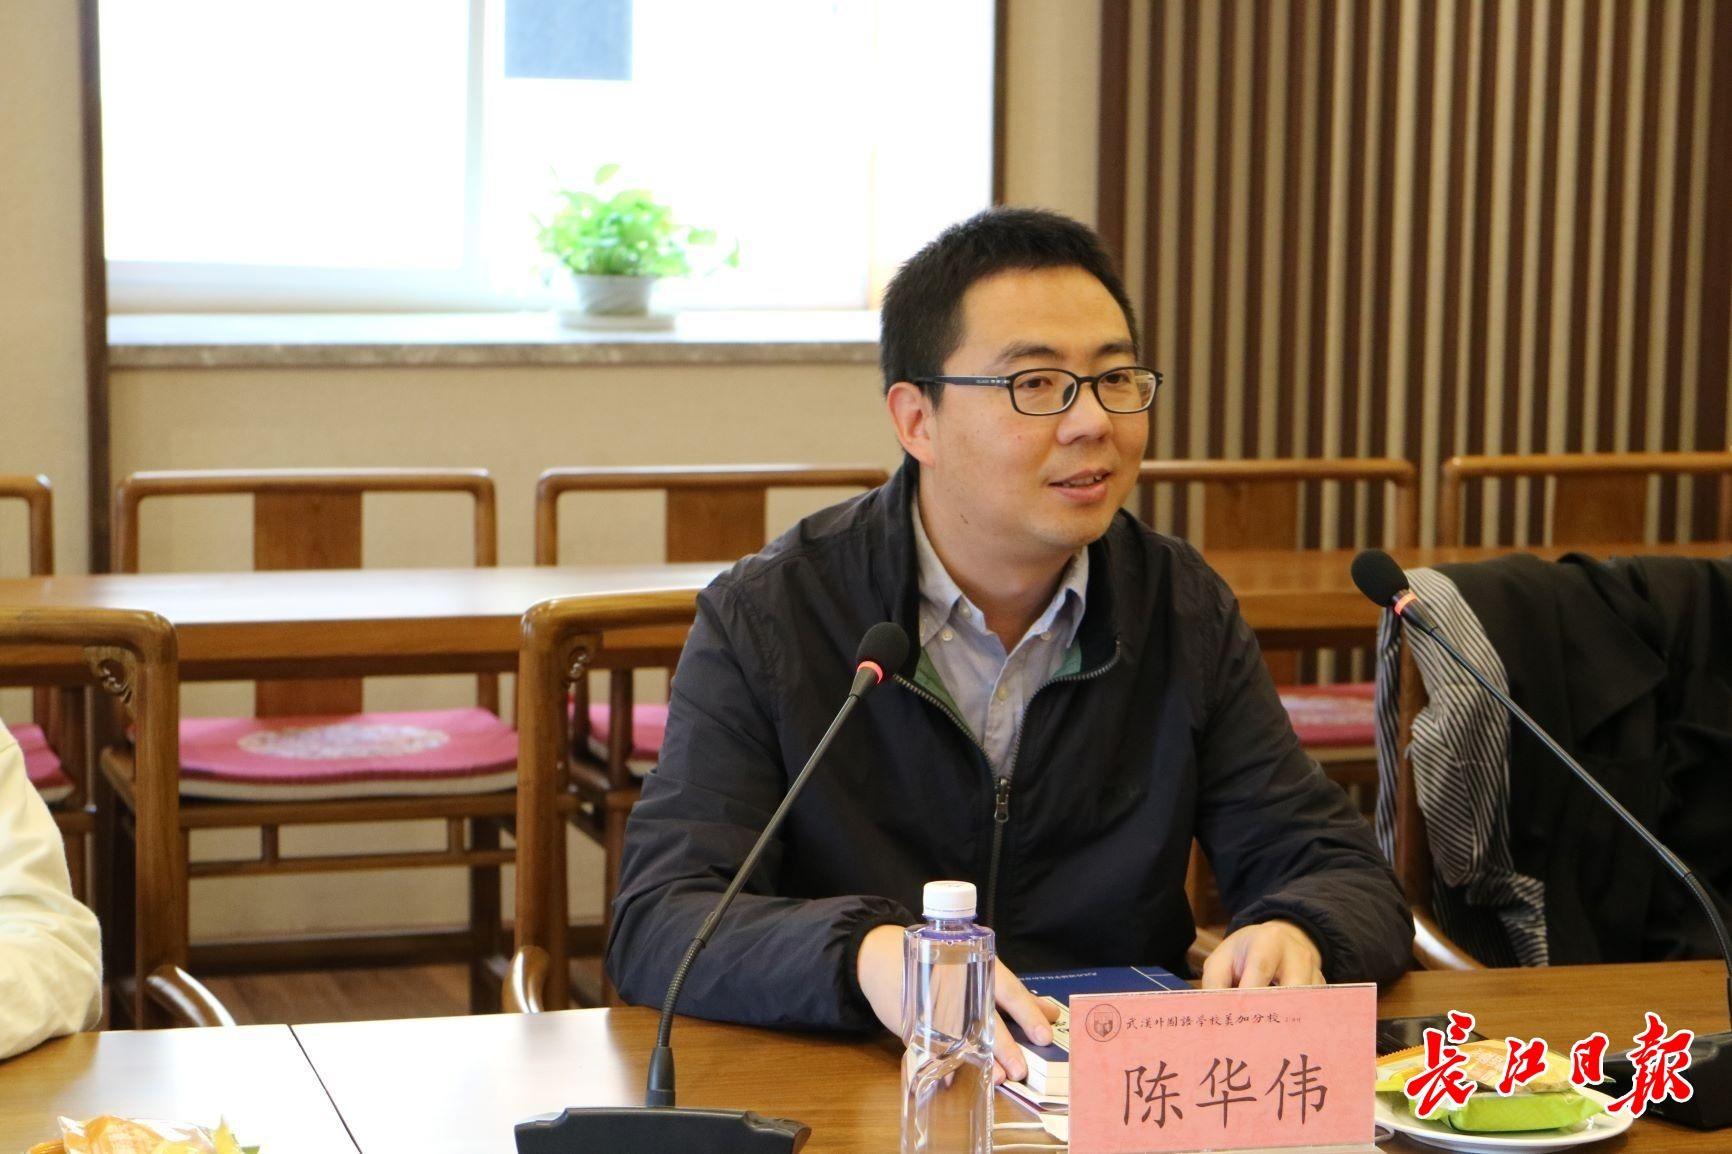 华中农业大学农业生命科学技术科普基地负责人陈华伟副教授。通讯员李静 摄